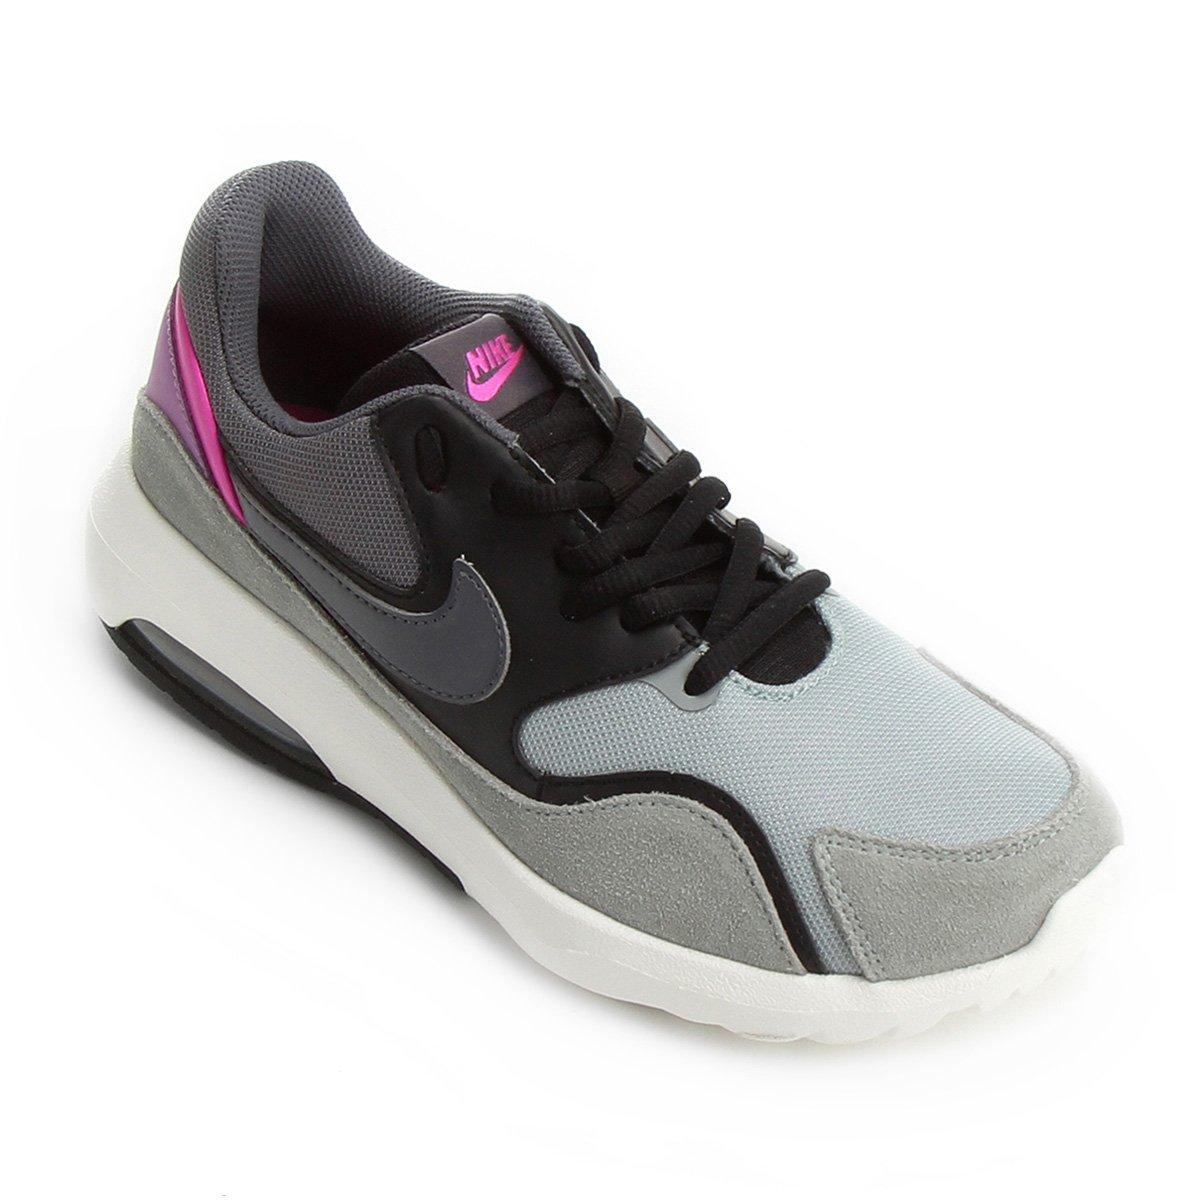 e249059de42 Tênis Nike Wmns Air Max Nostalgic - Preto e Cinza - Compre Agora ...